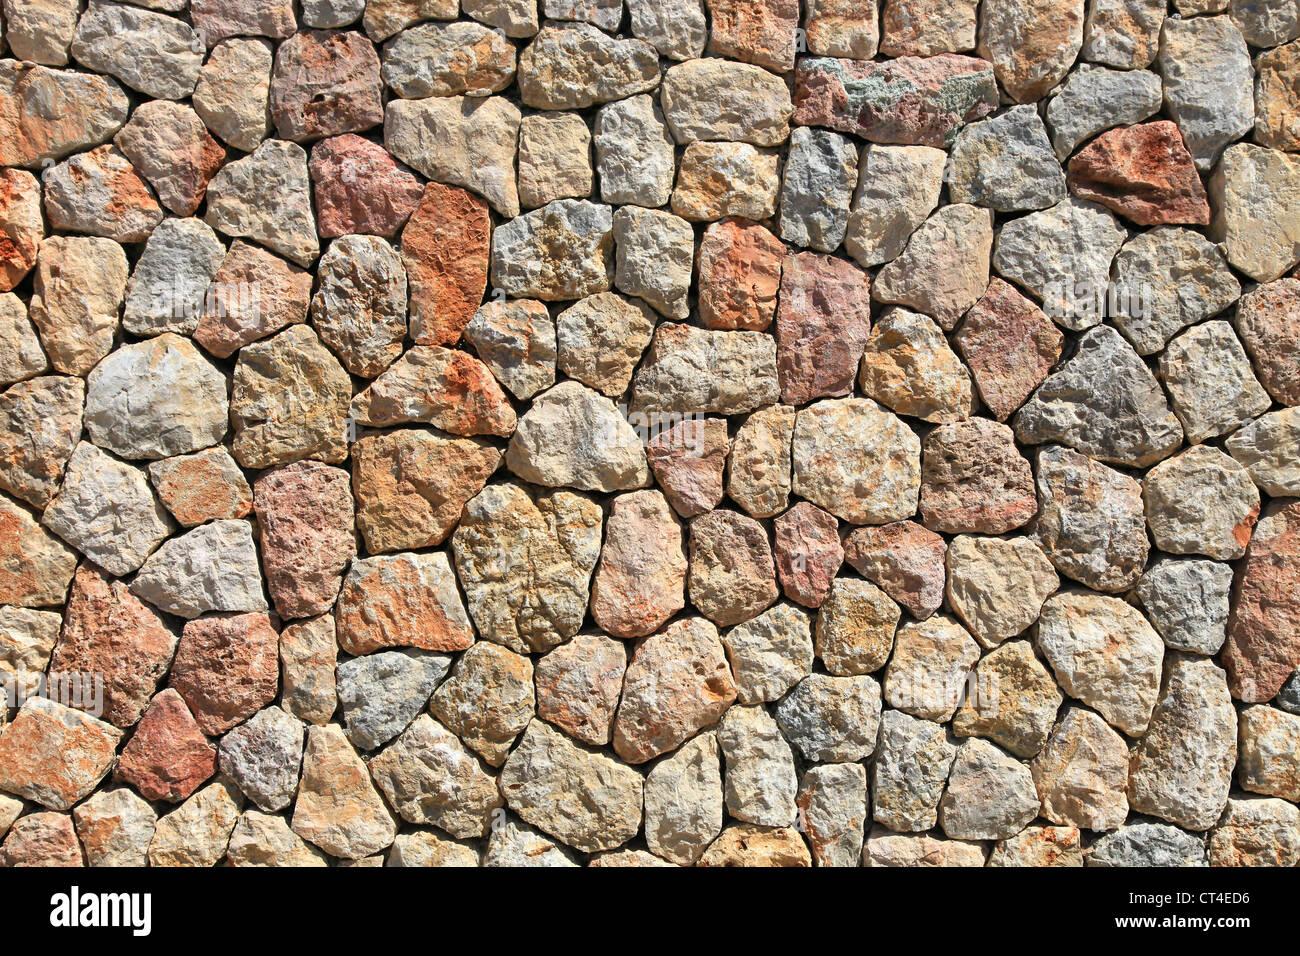 Imagen abstracta de un muro de piedra iluminadas, estas imágenes son perfectas para la calidad de las texturas Imagen De Stock